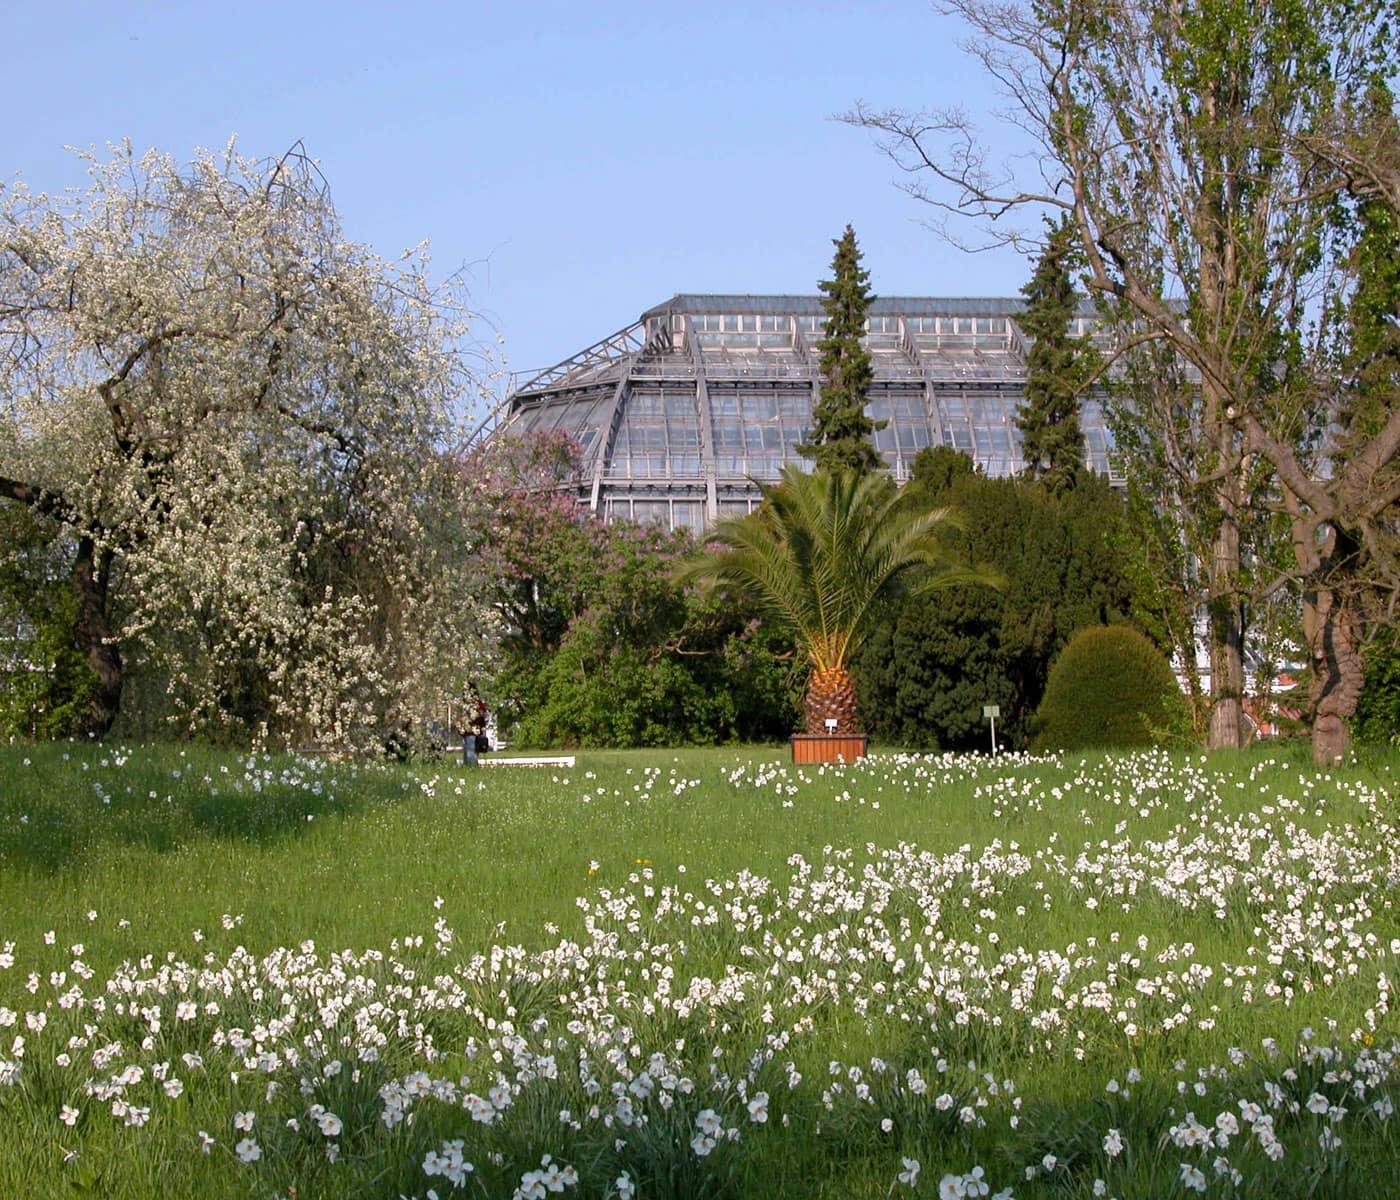 Botanischer Garten Berlin Dahlem im Frühling: Blick auf das Große Tropenhaus mit Dichternarzissen und Weichselkirsche // HIMBEER